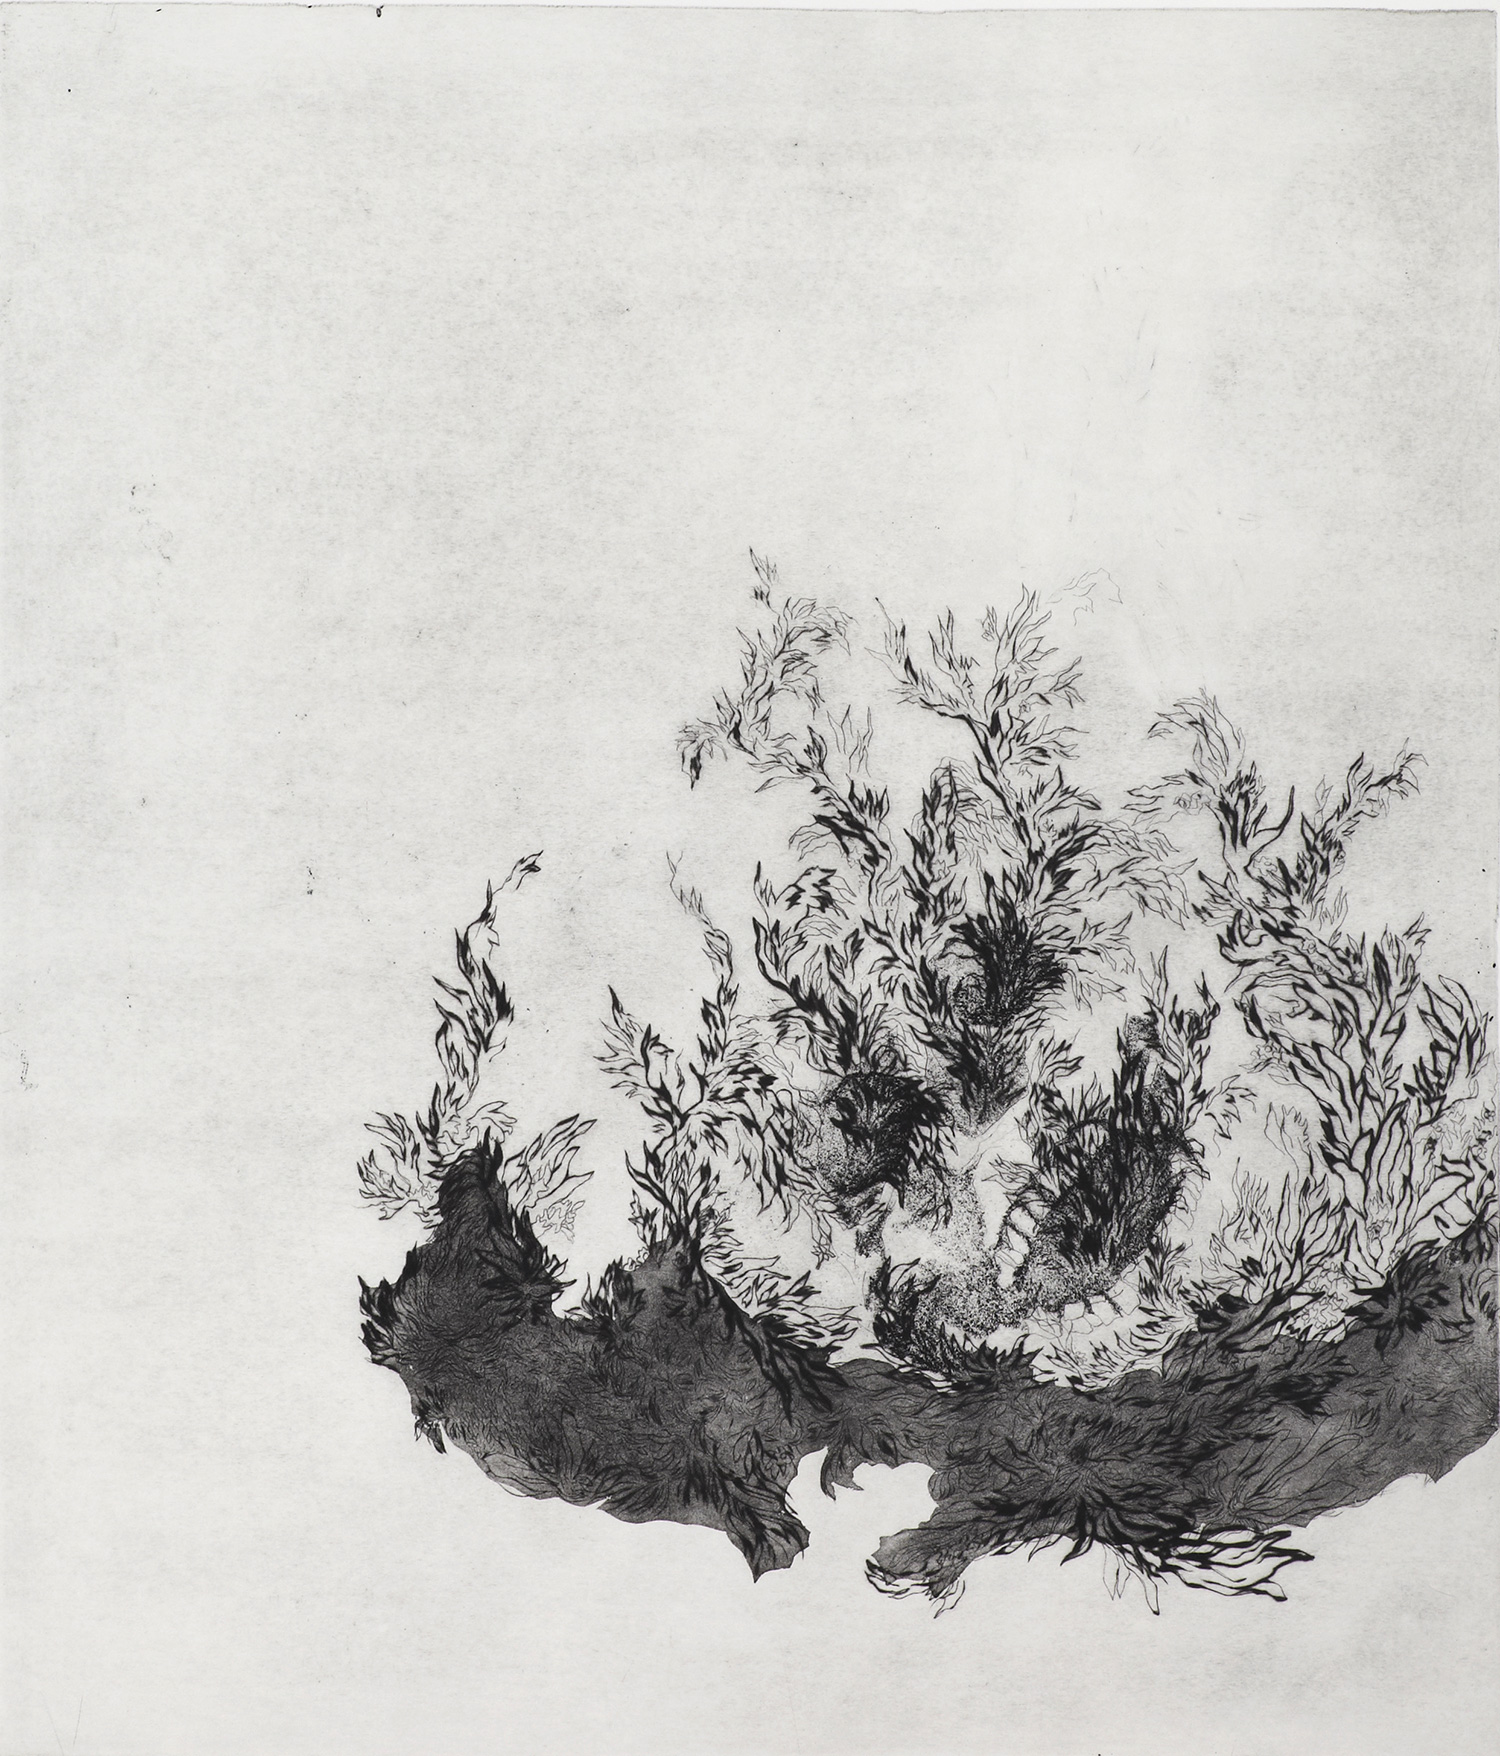 <i>sans titre</i>, 2011, pointe sèche, vernis mou et aquatinte, 75x63cm